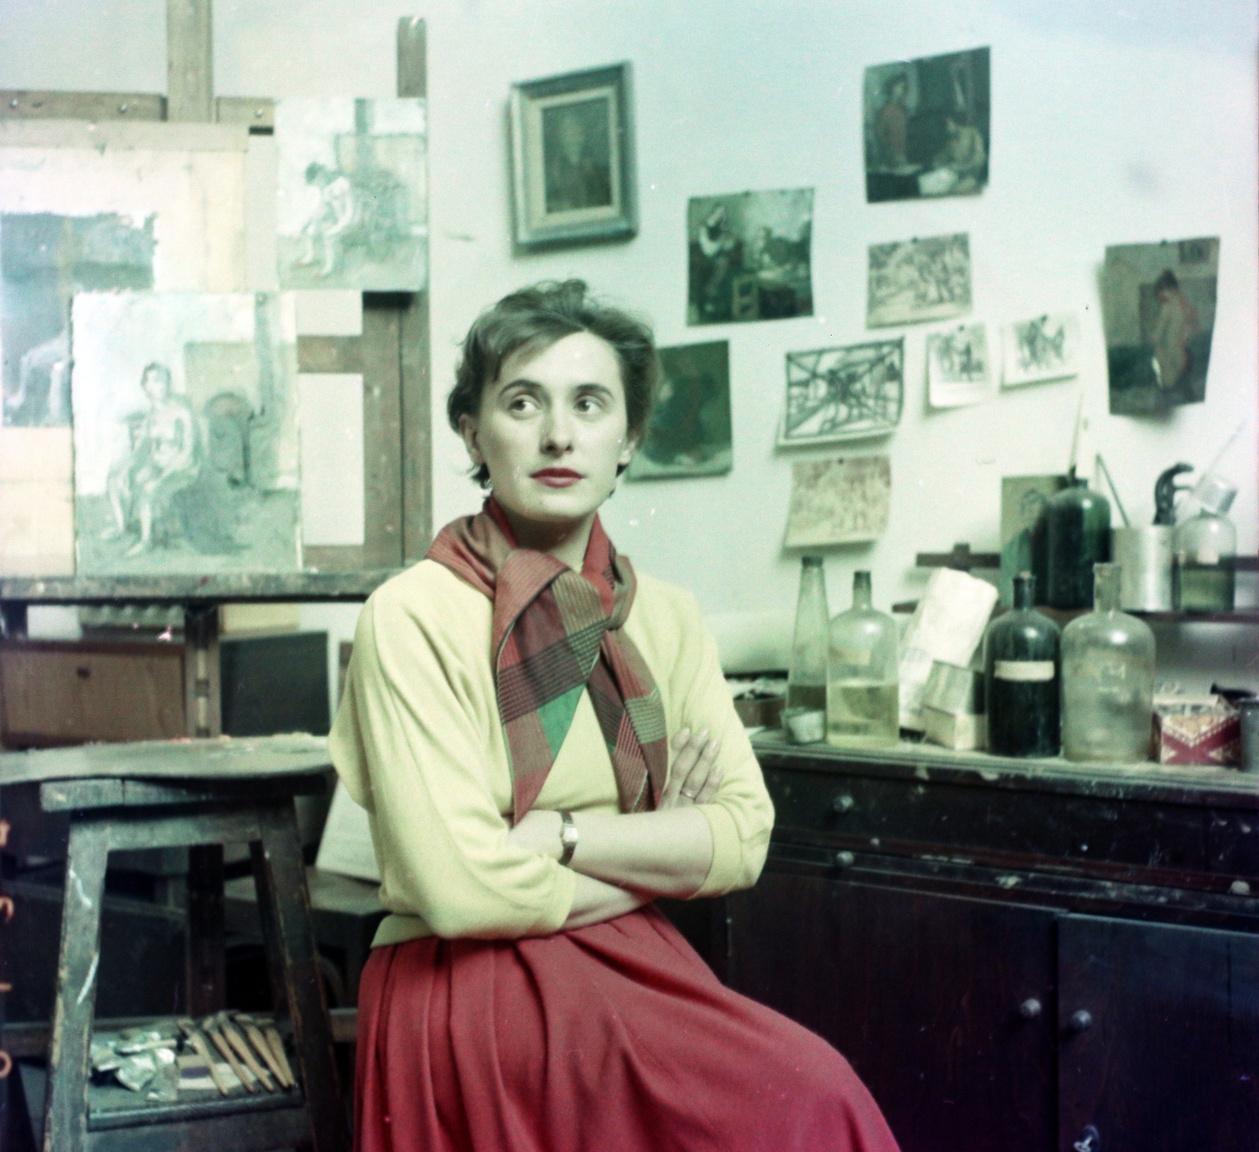 """Festőnő a Képzőművészeti Főiskola egyik Andrássy úti műtermében, 1956Túry Mária (1930–1992) 1948-ban kezdte a Képzőművészeti Főiskolát, ahol Konecsny György, Domanovszky Endre, Szőnyi István és Kádár György növendéke volt. Utóbbinak 1949 óta a felesége is, az ötvenes évek elején együtt tanítottak és közös műteremben alkottak. """"Anyám a negyvenes évek végén lelkes újjáépítő volt, a 'Fényes szelek' nemzedékével szárnyalt. Ehhez képest az ötvenes években politikai szerepvállalásából, harcosságából visszavett"""" – mesélte lánya, a szintén festőművész Kádár Katalin."""